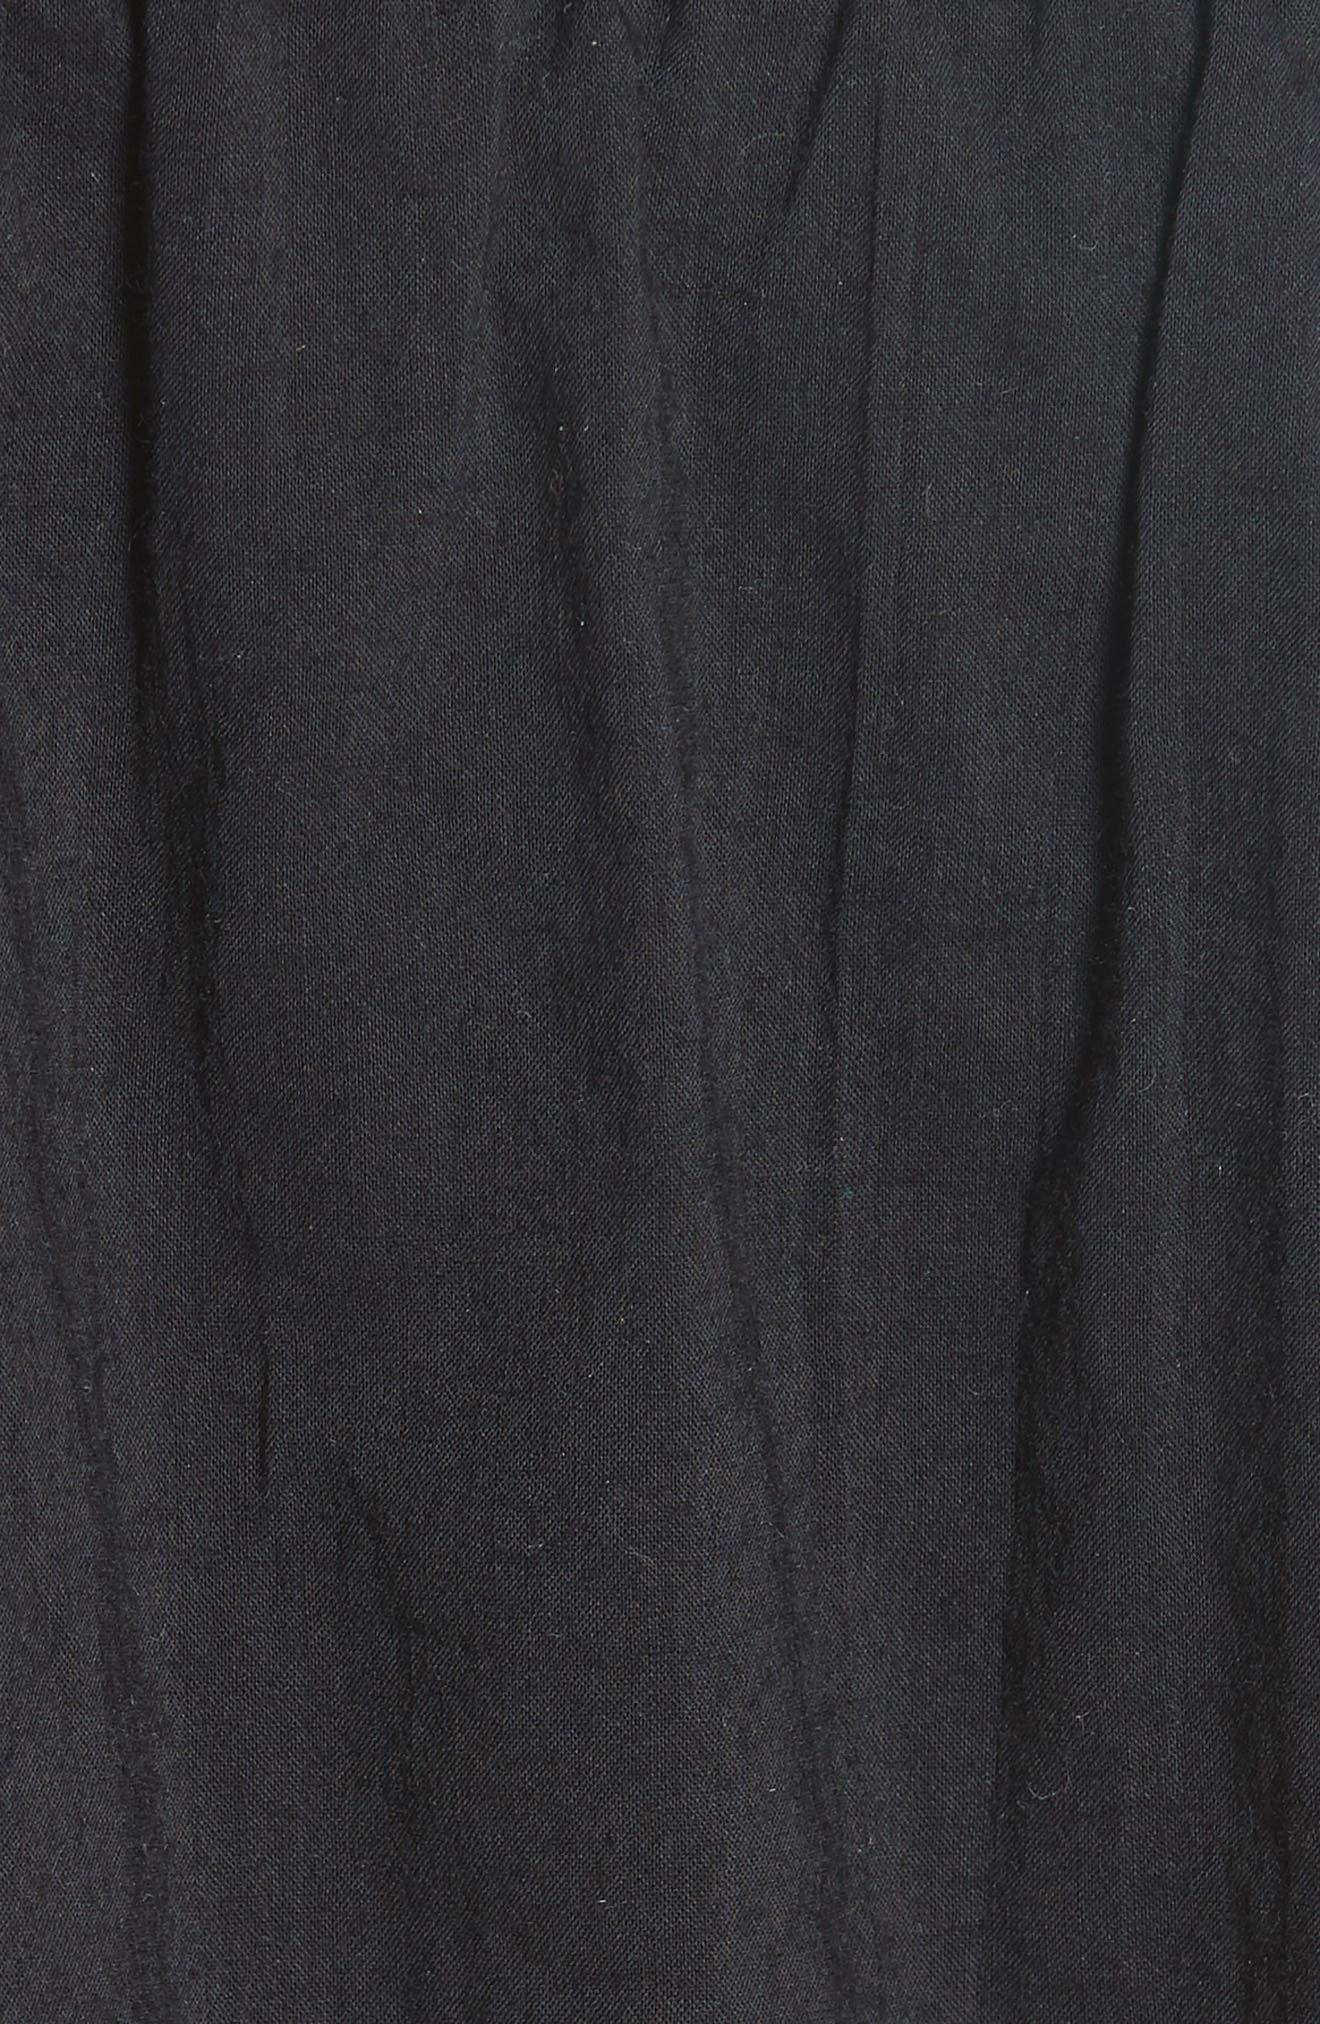 No Lies Bodysuit,                             Alternate thumbnail 5, color,                             001